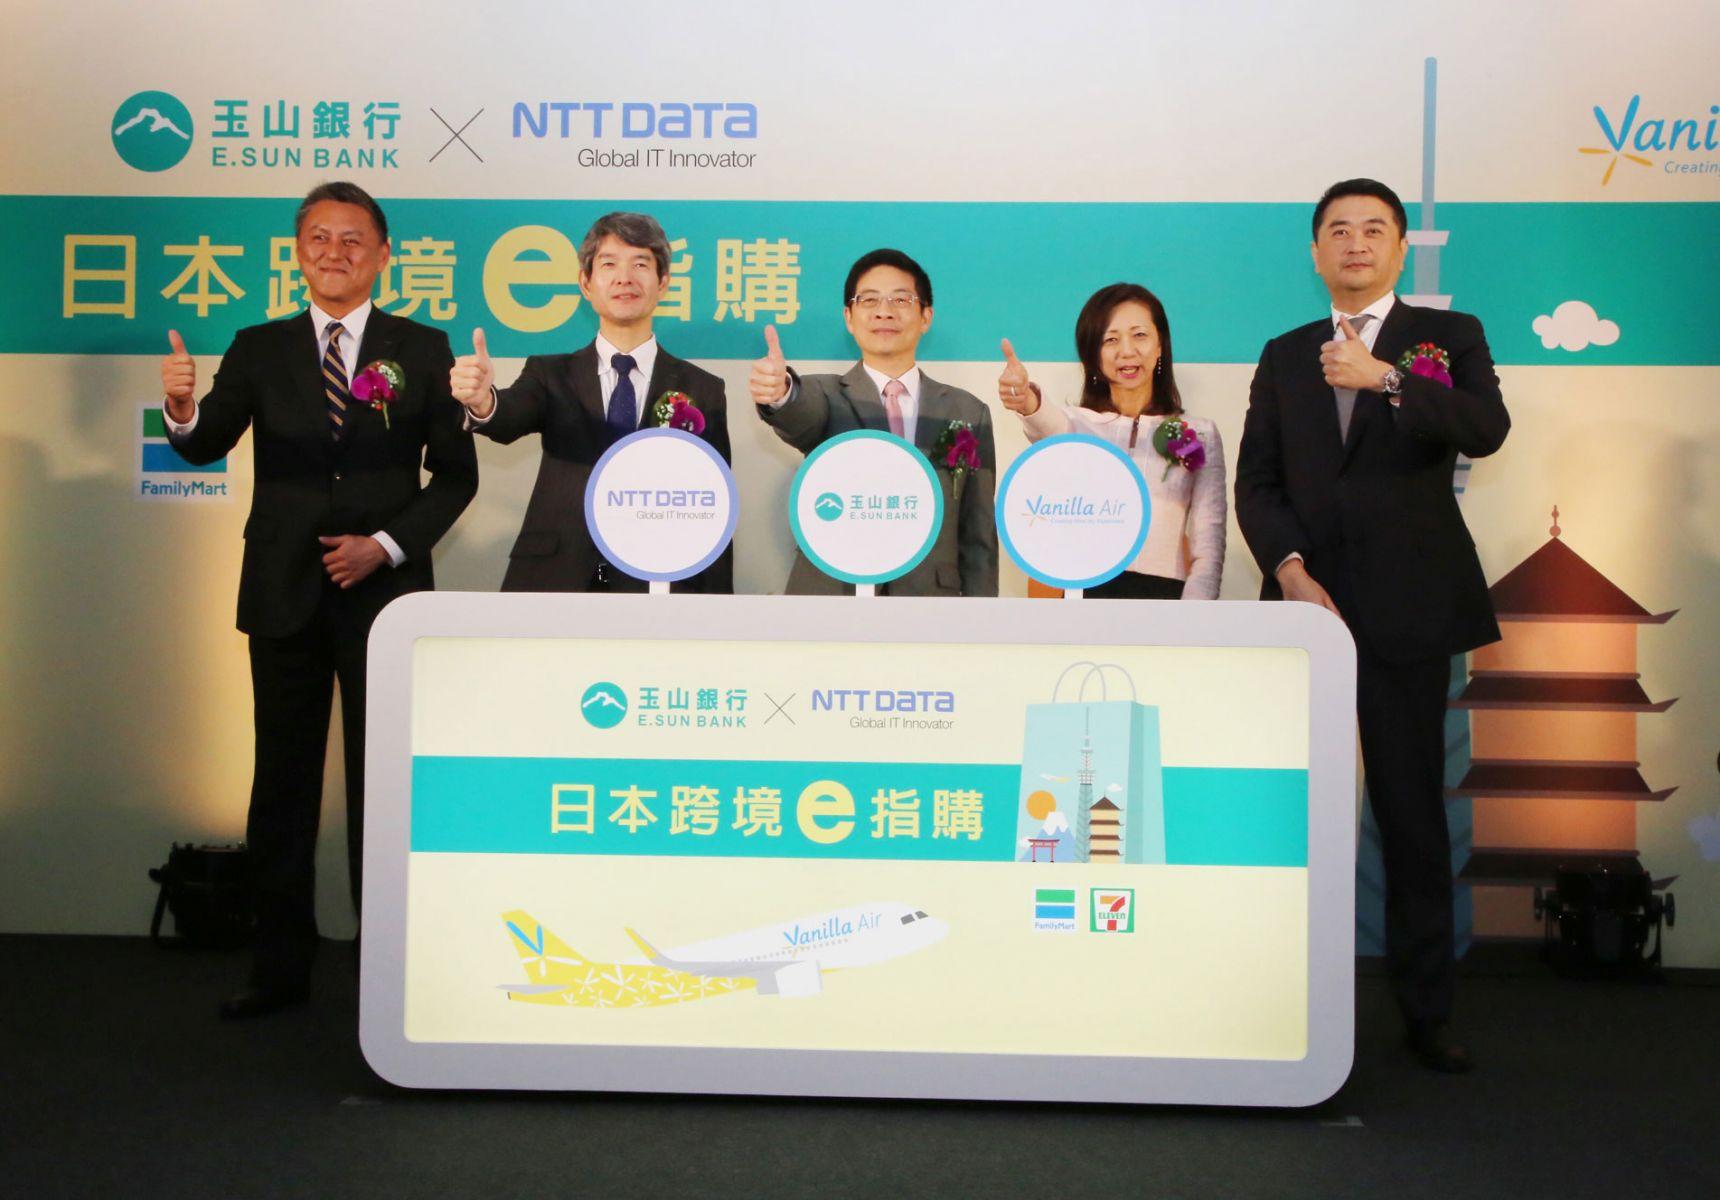 衝日本搭廉航超方便 4月起超商也可取電子機票了!